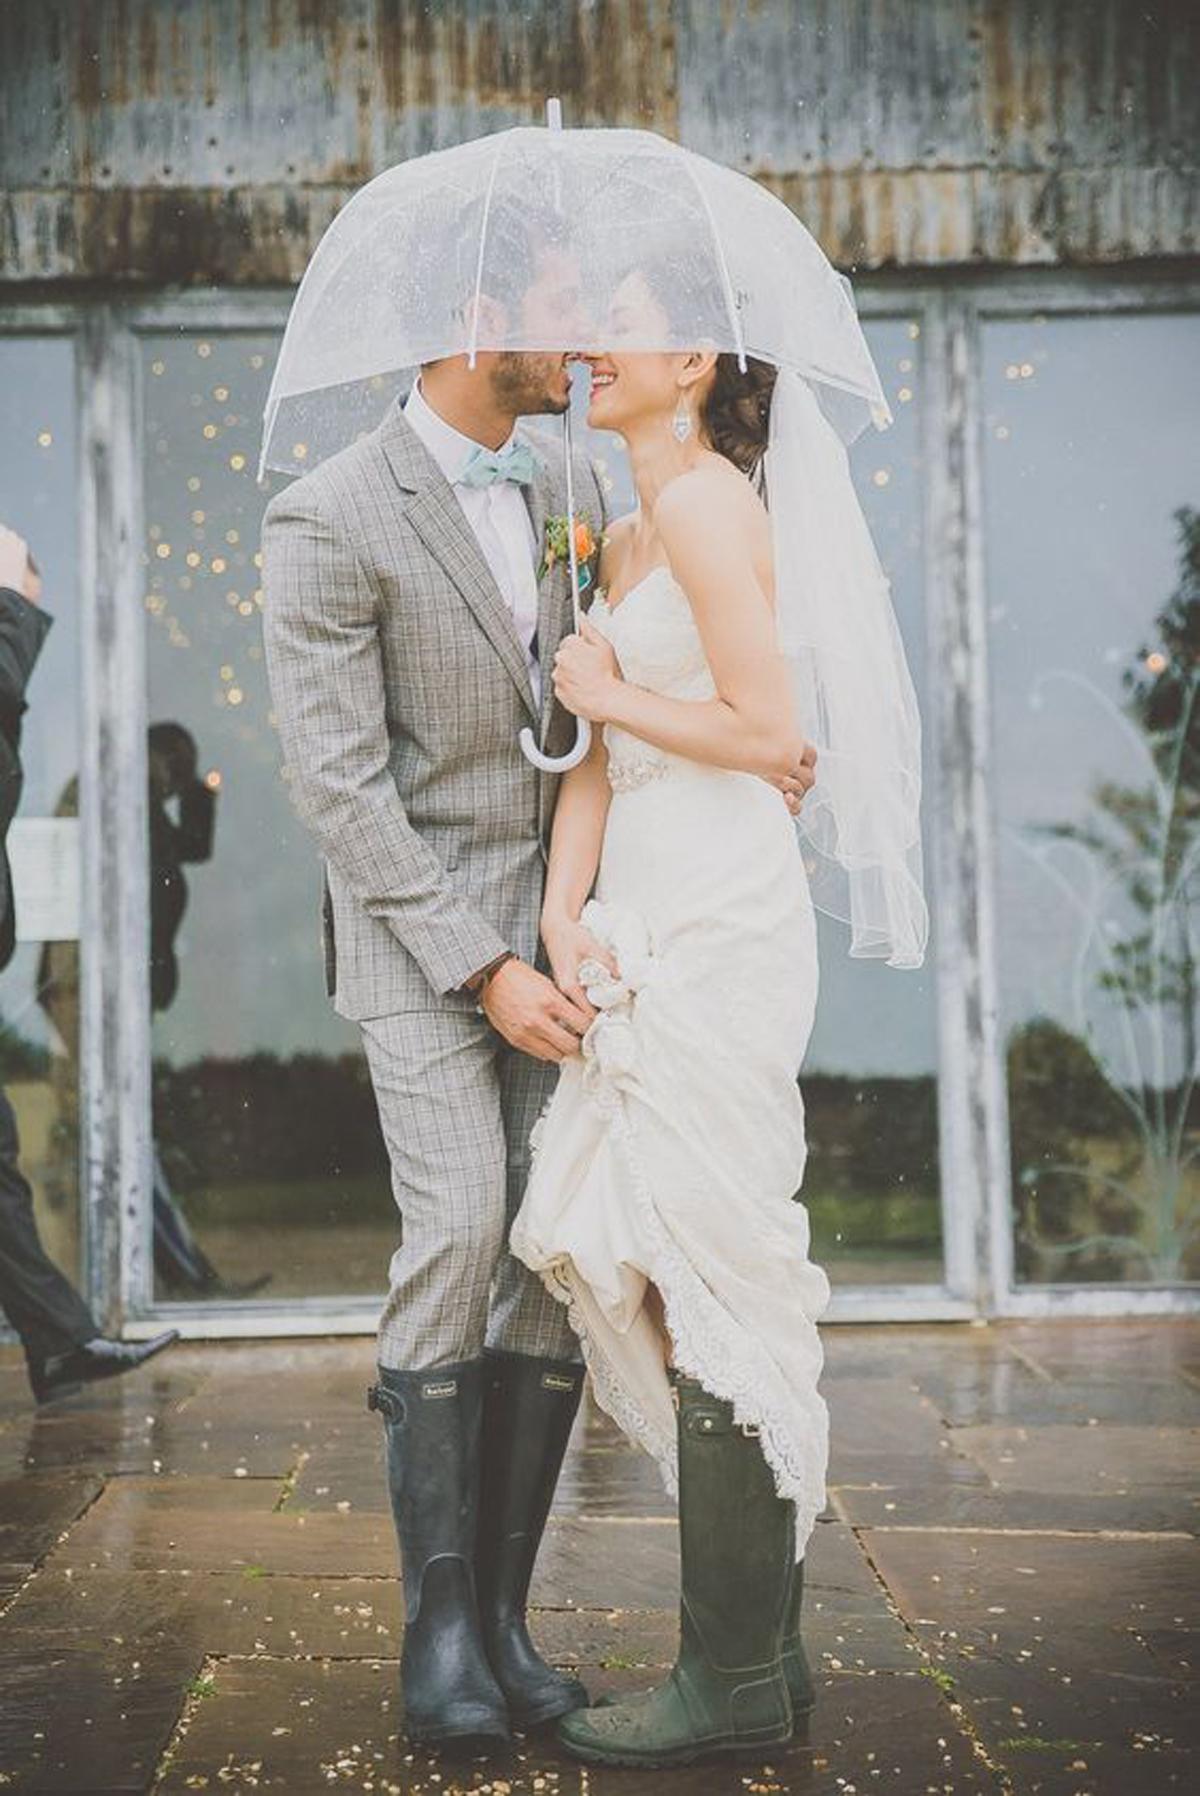 Consejos-para-una-boda-con-lluvia-31